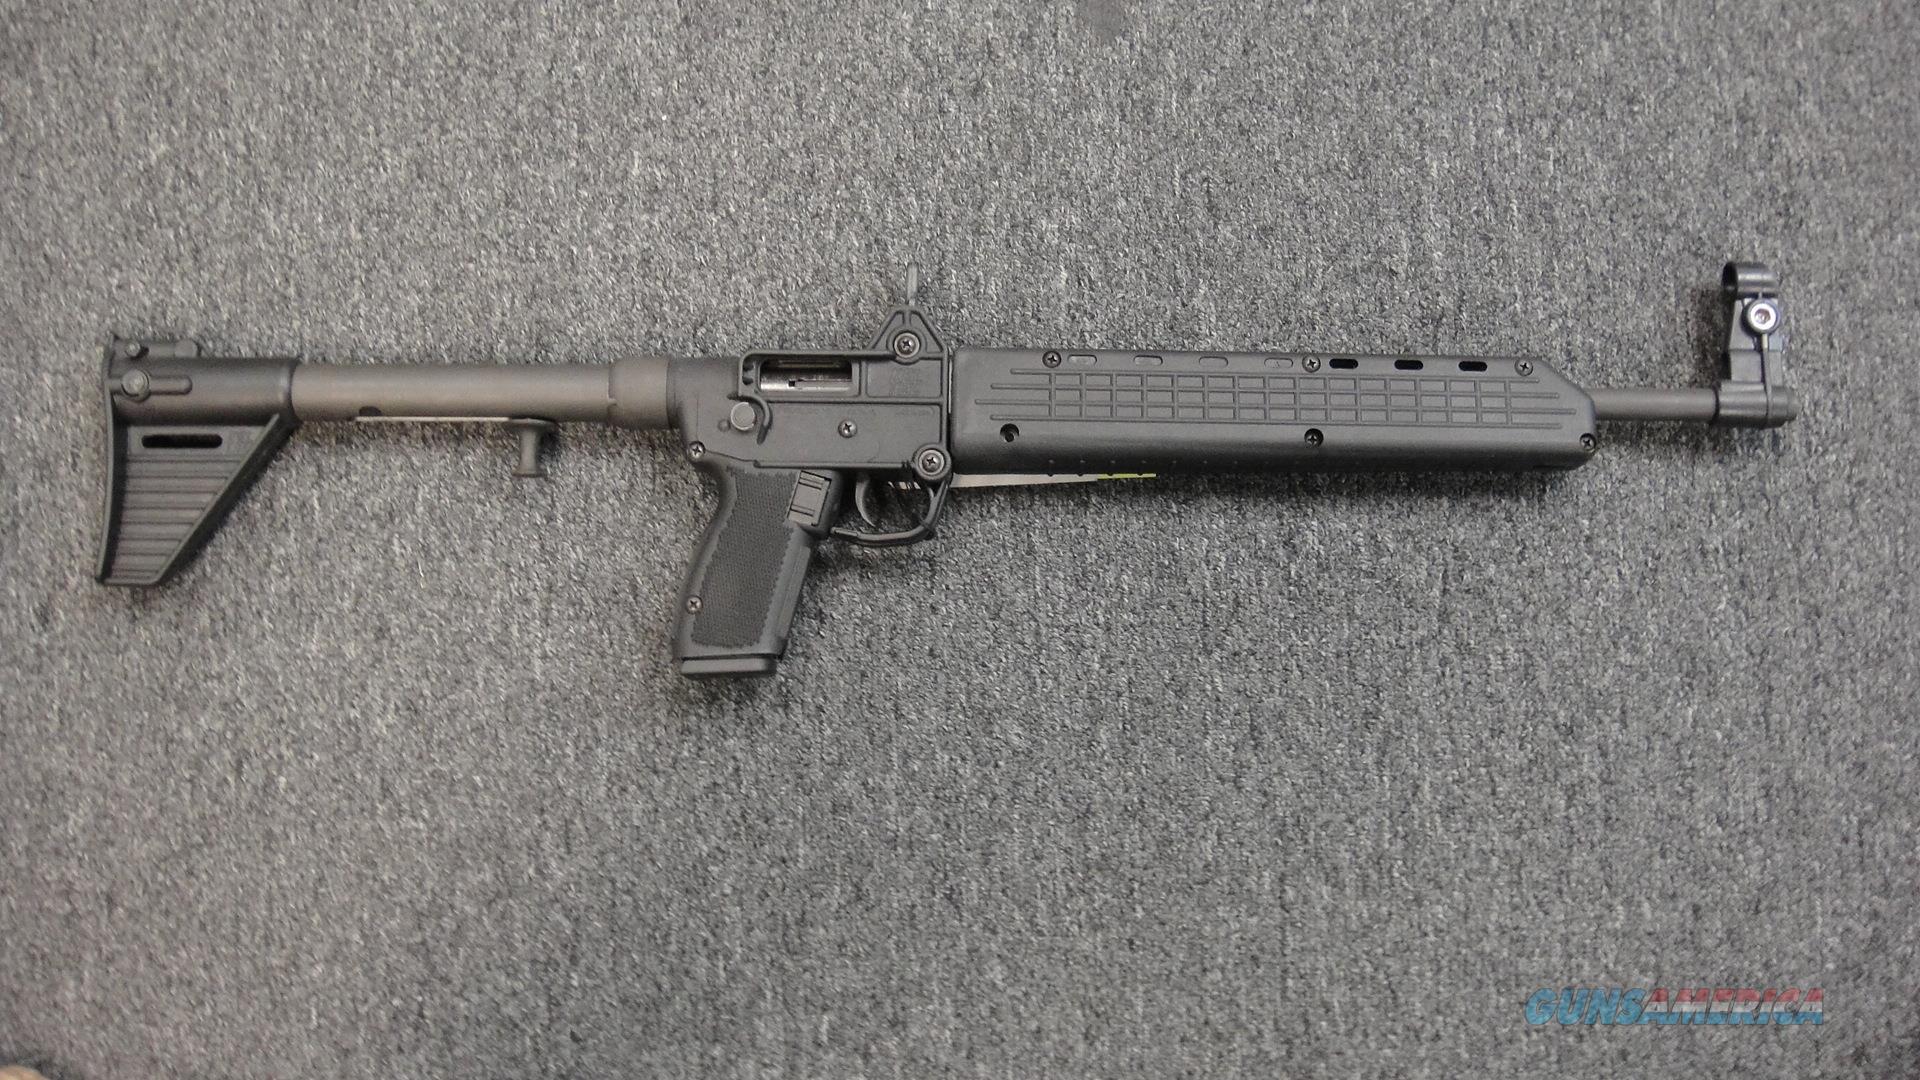 Kel-Tec Sub2000 Glock 22  Guns > Rifles > Kel-Tec Rifles